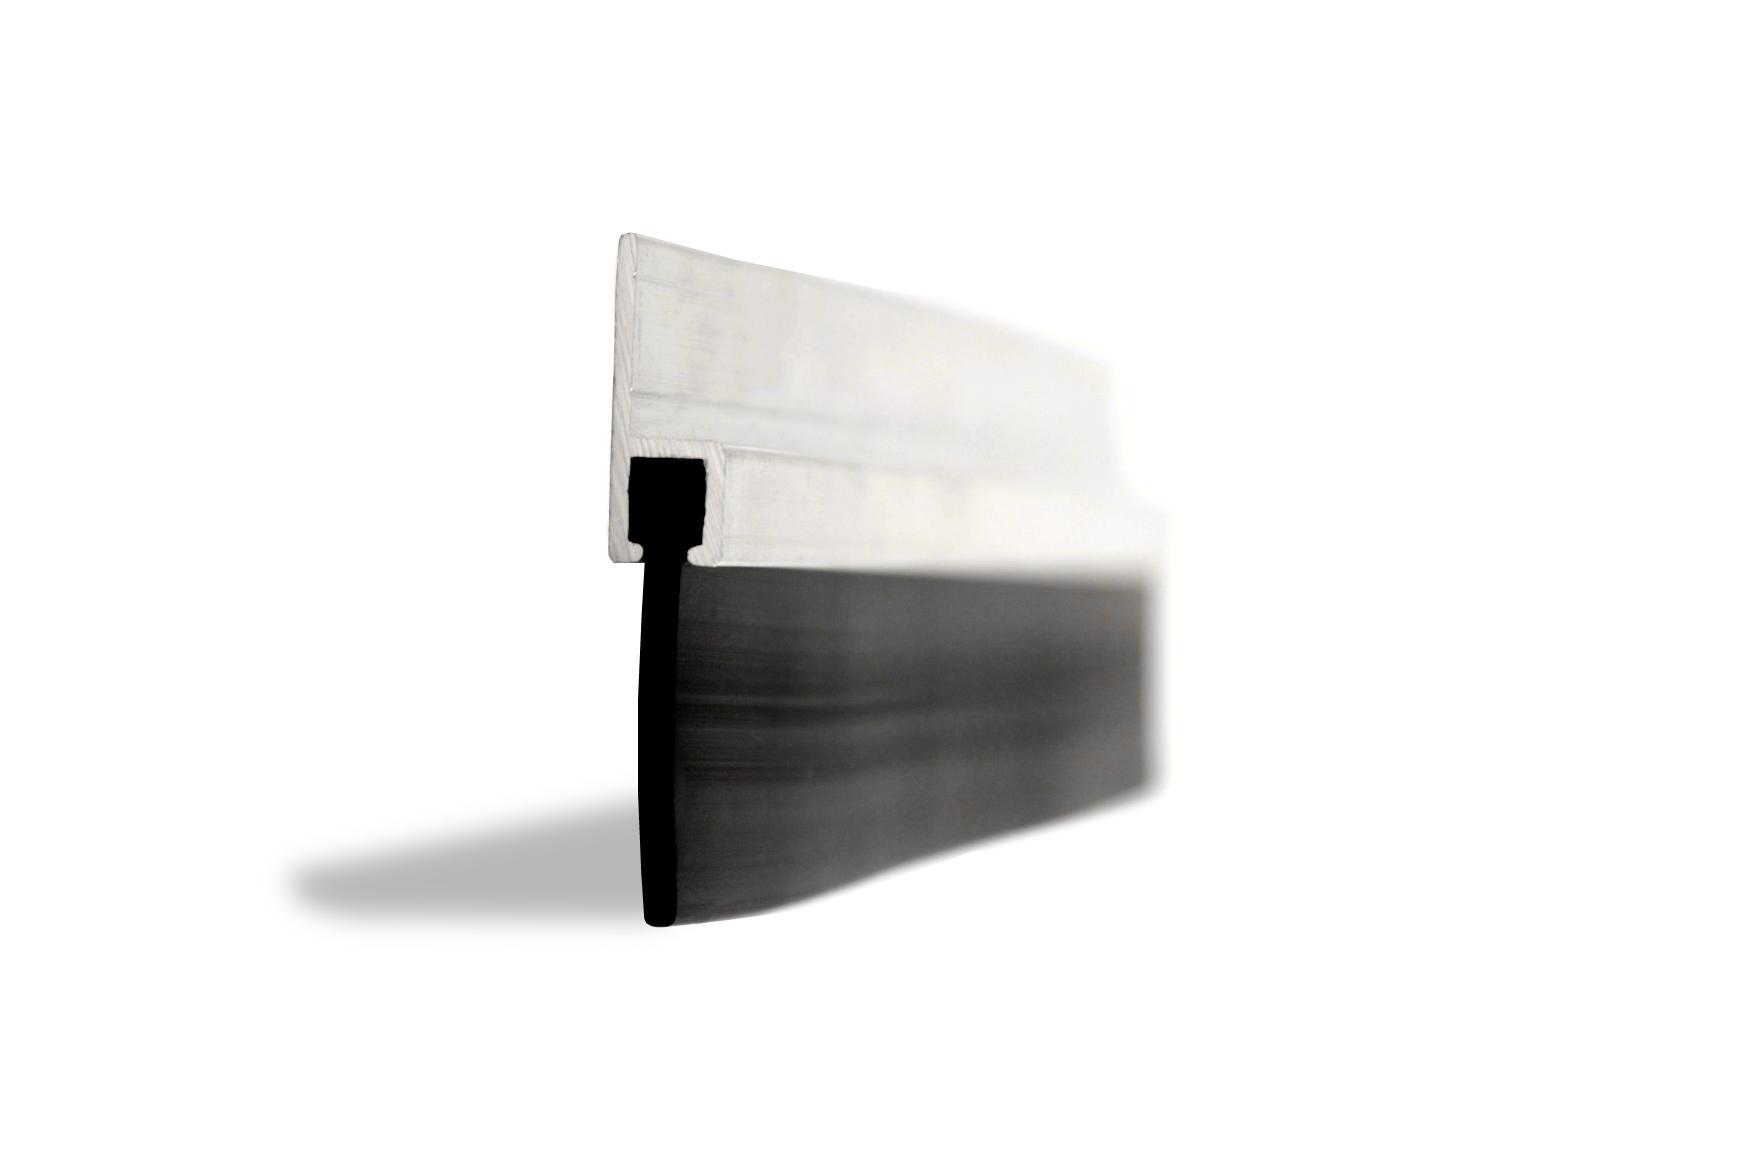 Door seal gasket homesparemain large oven 425mm x 350mm for Door rubber seal